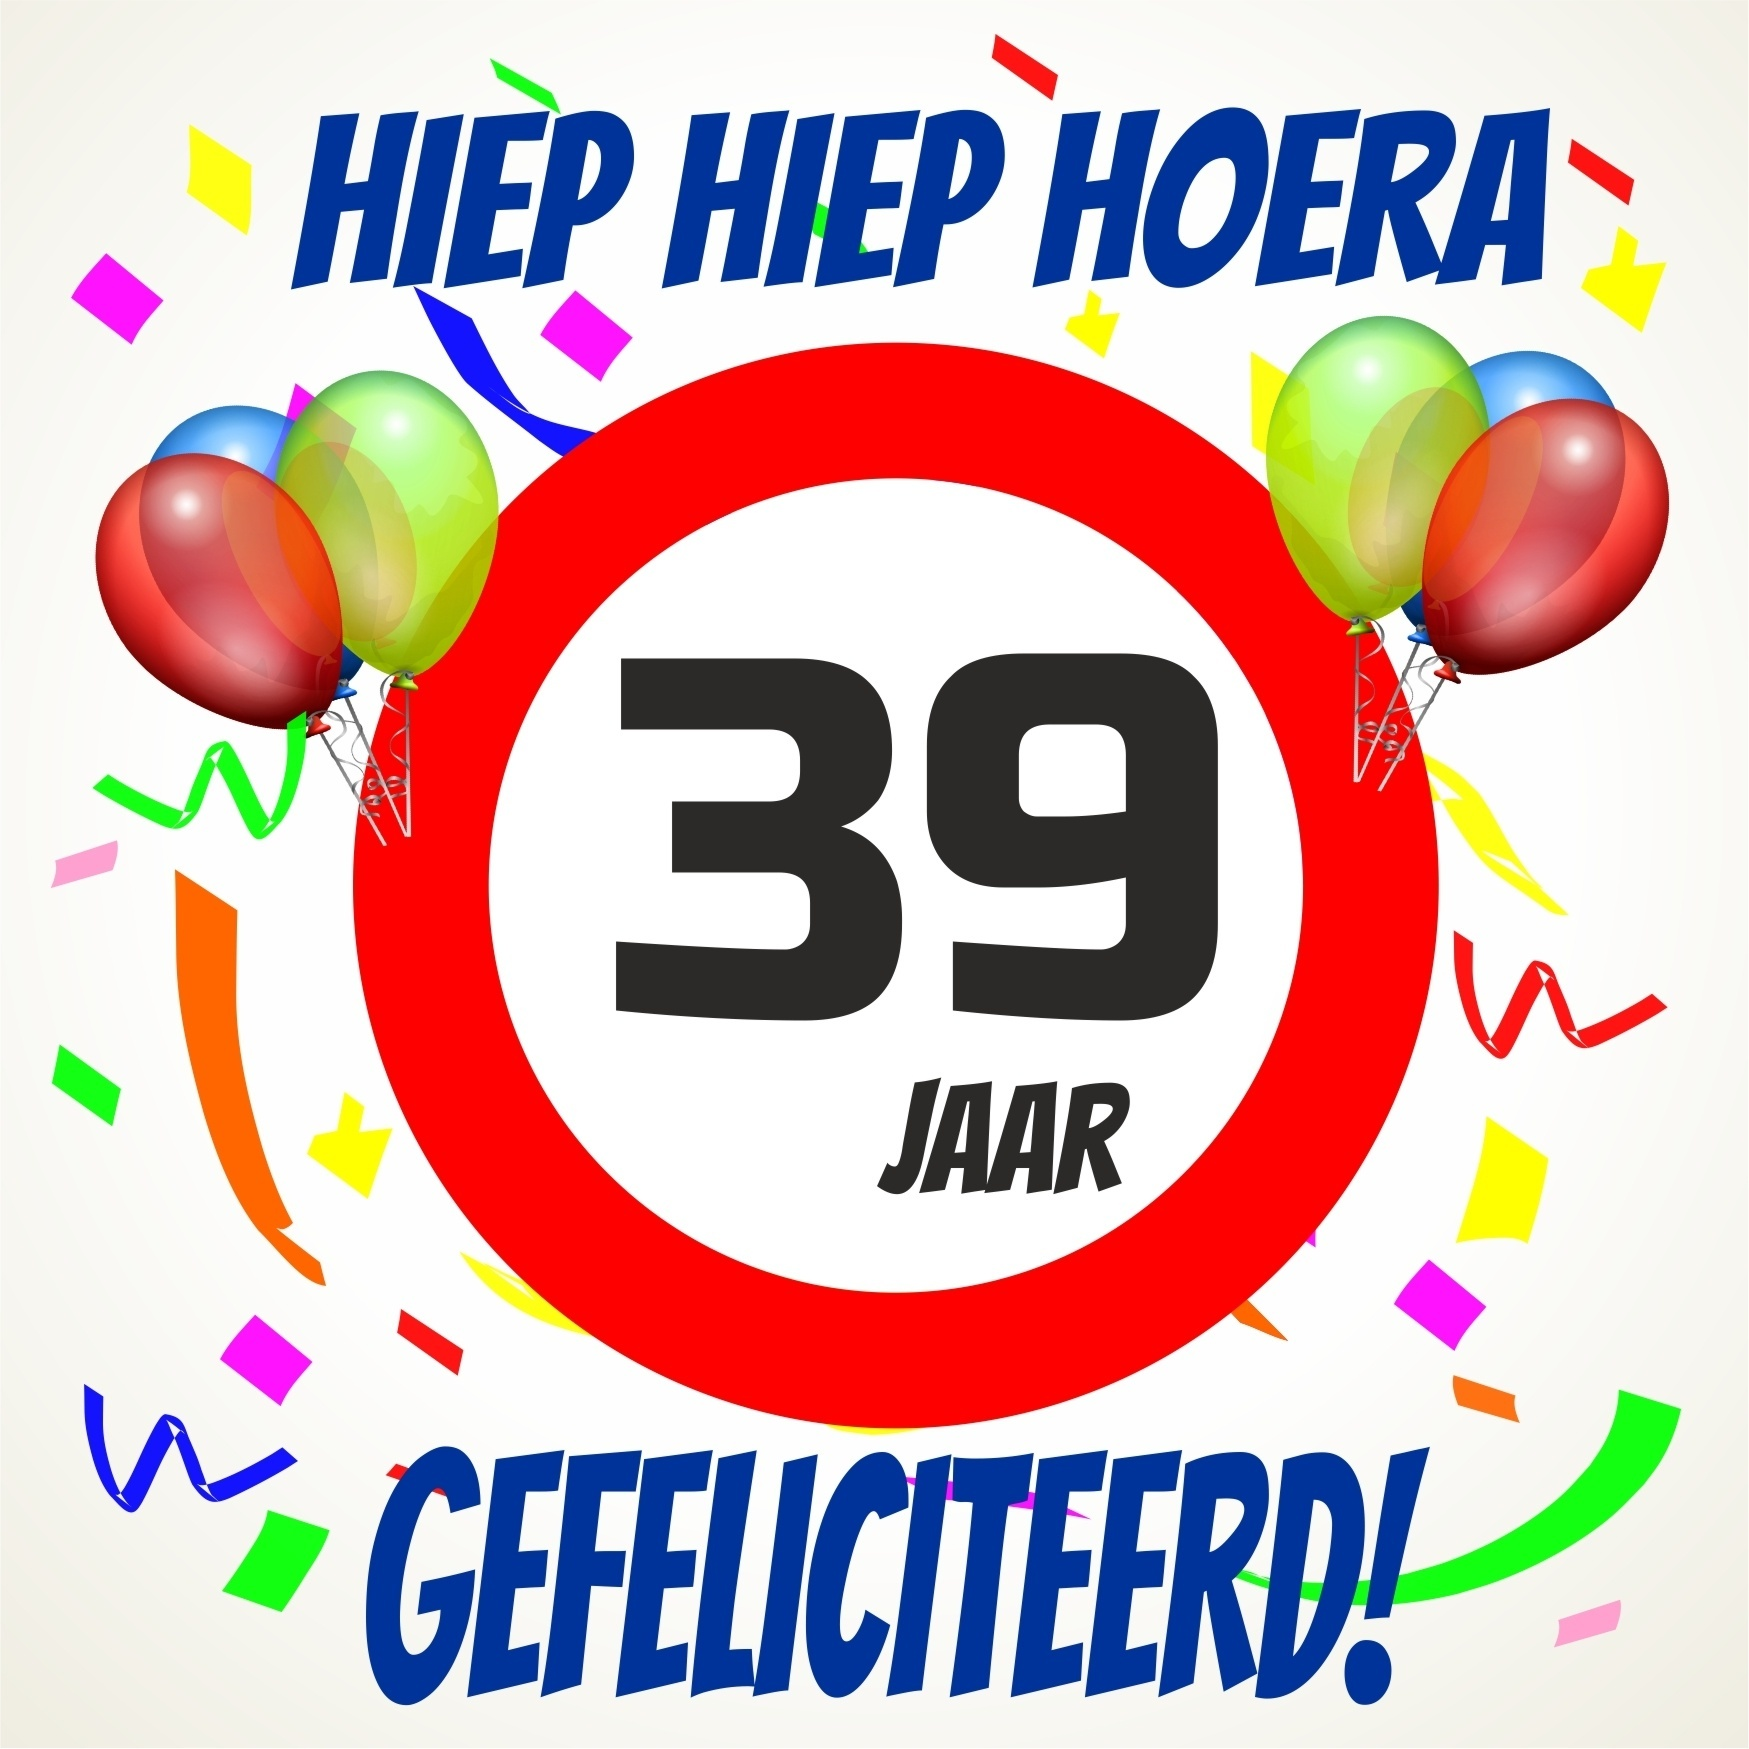 39 jaar 39 Jaar Gefeliciteerd   ARCHIDEV 39 jaar